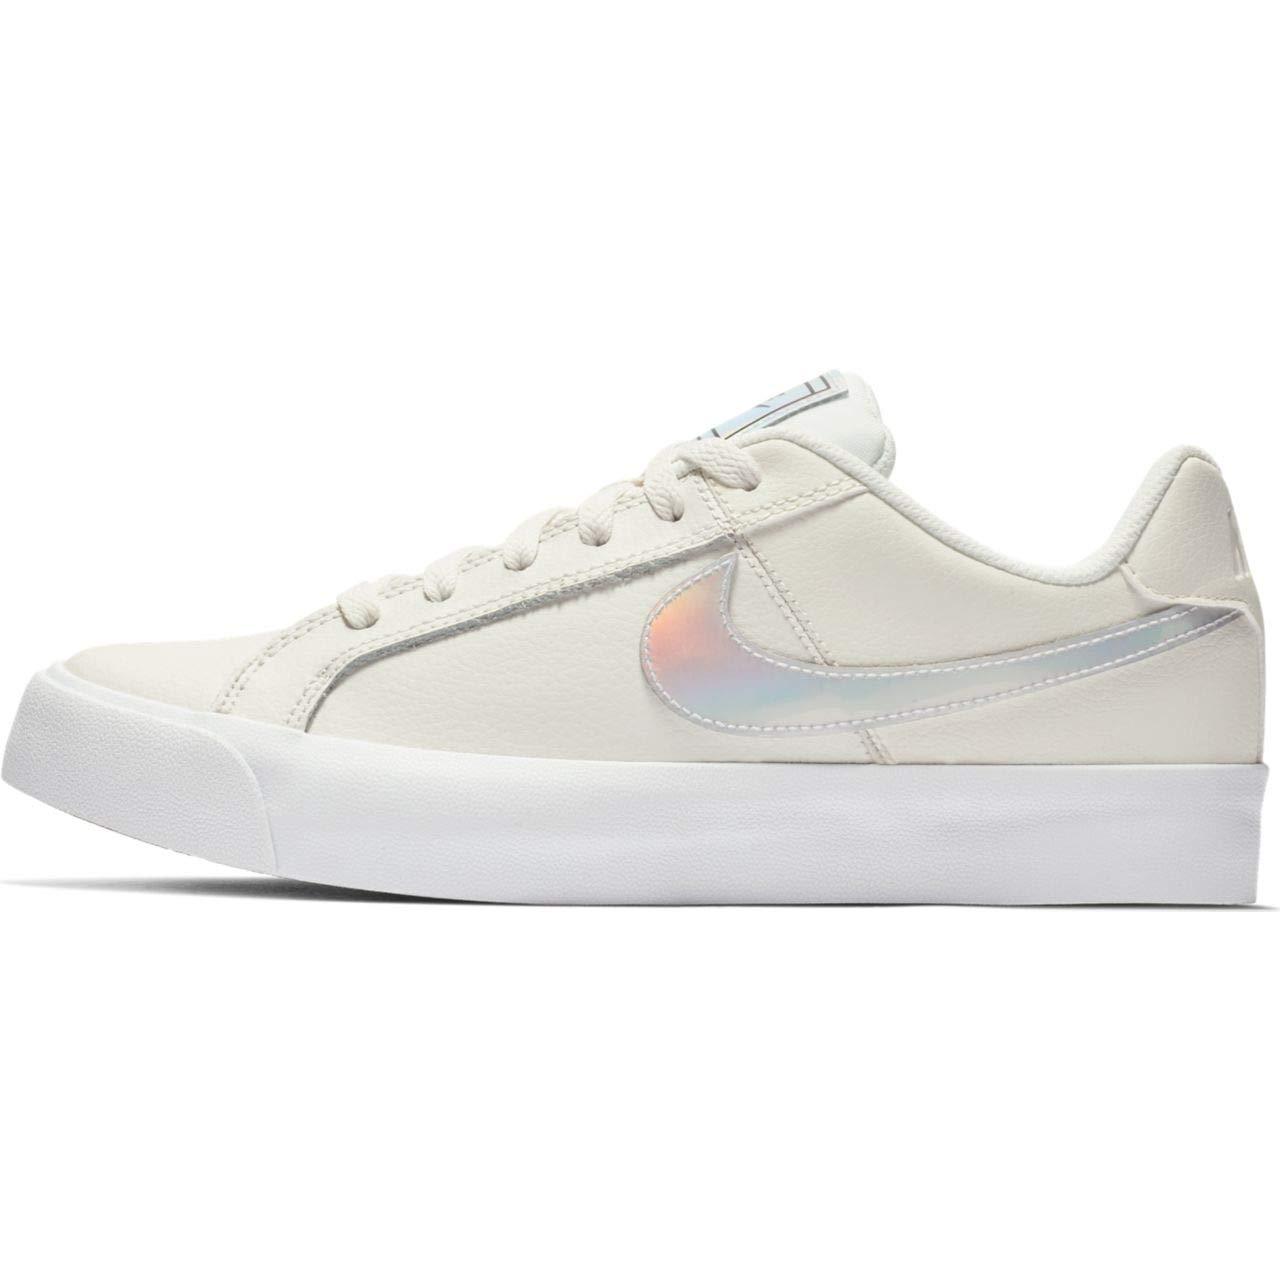 Blanc (104) (104) (104) Nike WMNS Court Royale AC, Chaussures de Tennis Femme d77